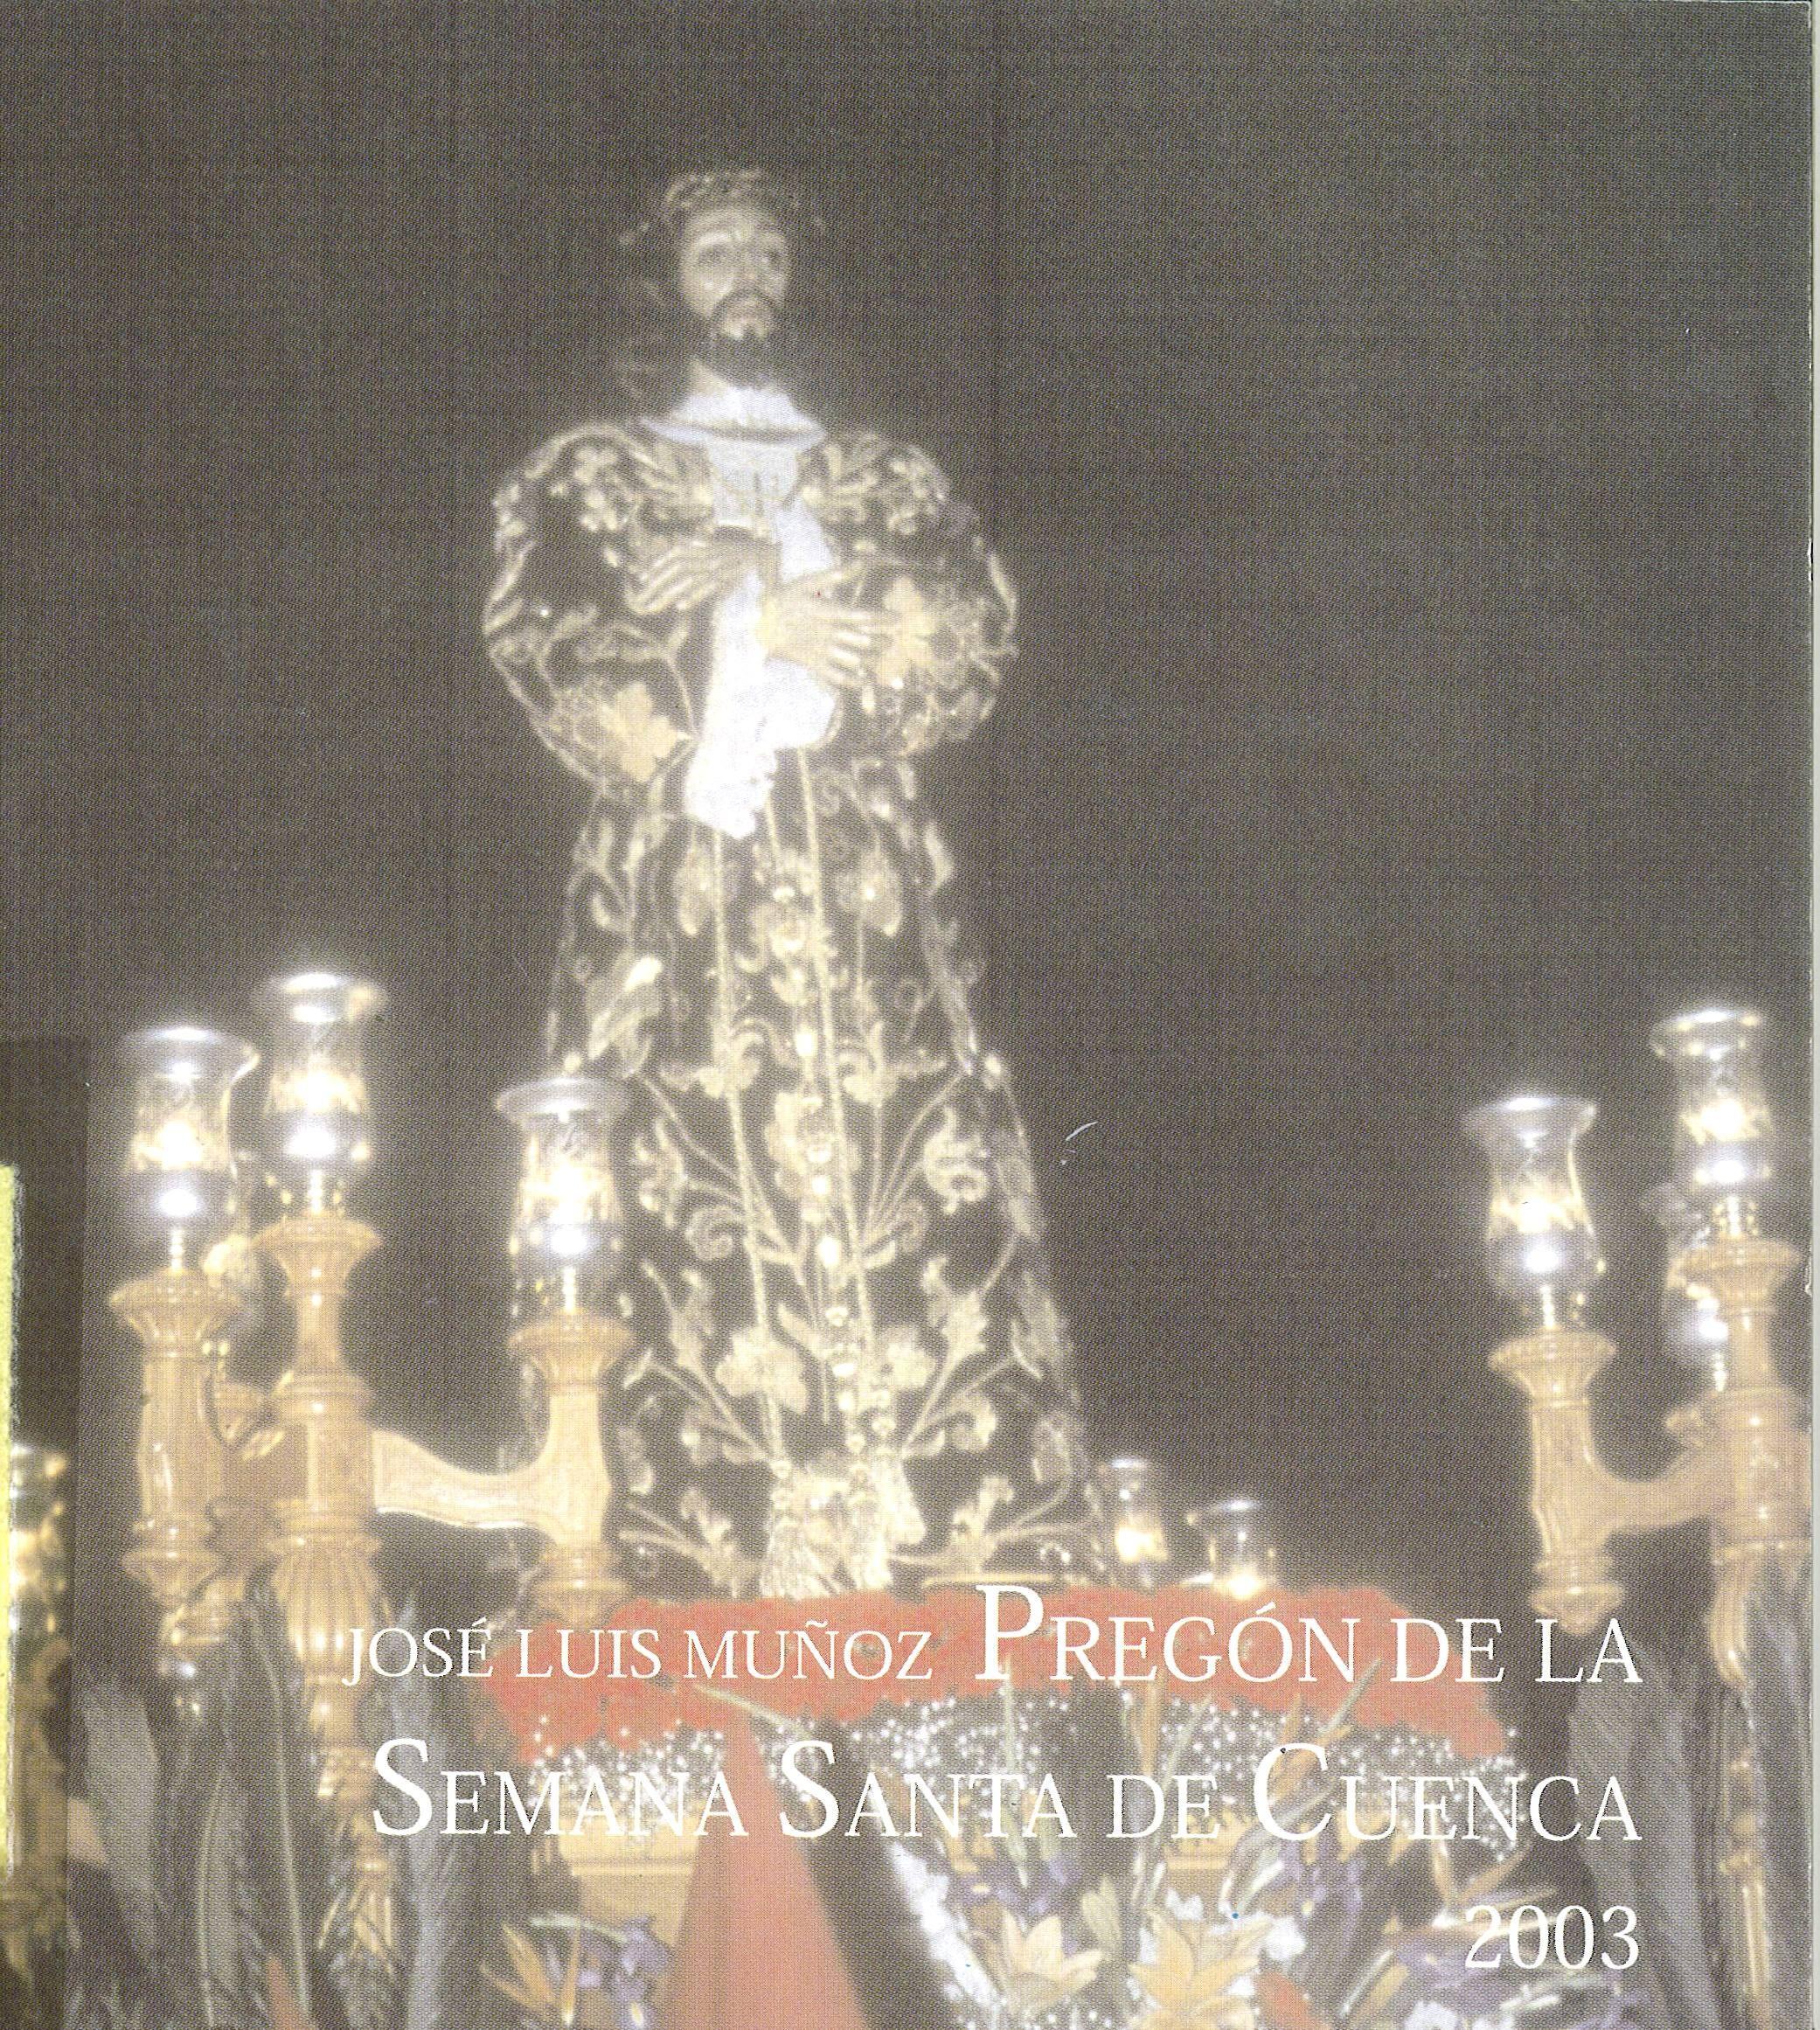 Semana Santa 2003 Texto del pregón de la Semana Santa de Cuenca de 2003 pronunciado por José Luis Muñoz #SemanaSanta #Cuenca